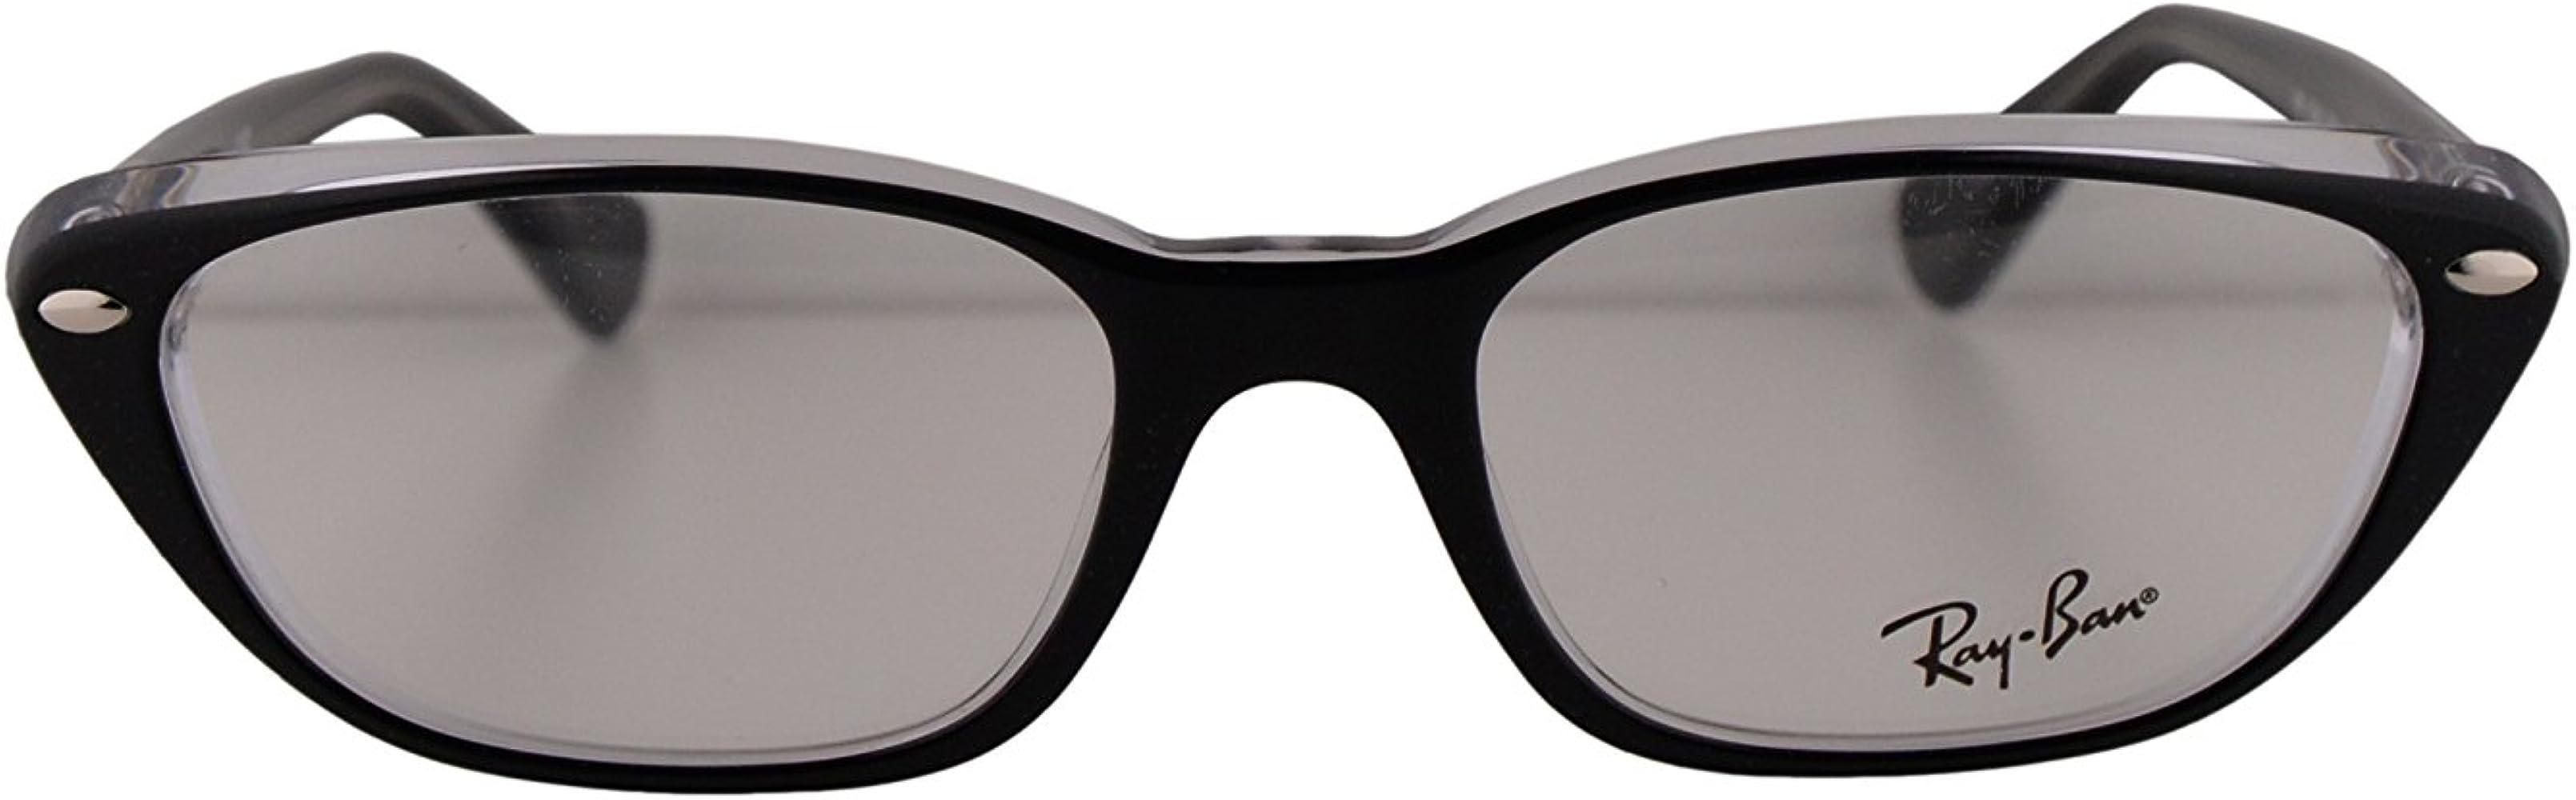 Ray-Ban RB 5242 Gafas 53-18-140 Negras Transparentes Con Lentes De Muestra 2034 RX RX5242 RB5242: Amazon.es: Ropa y accesorios